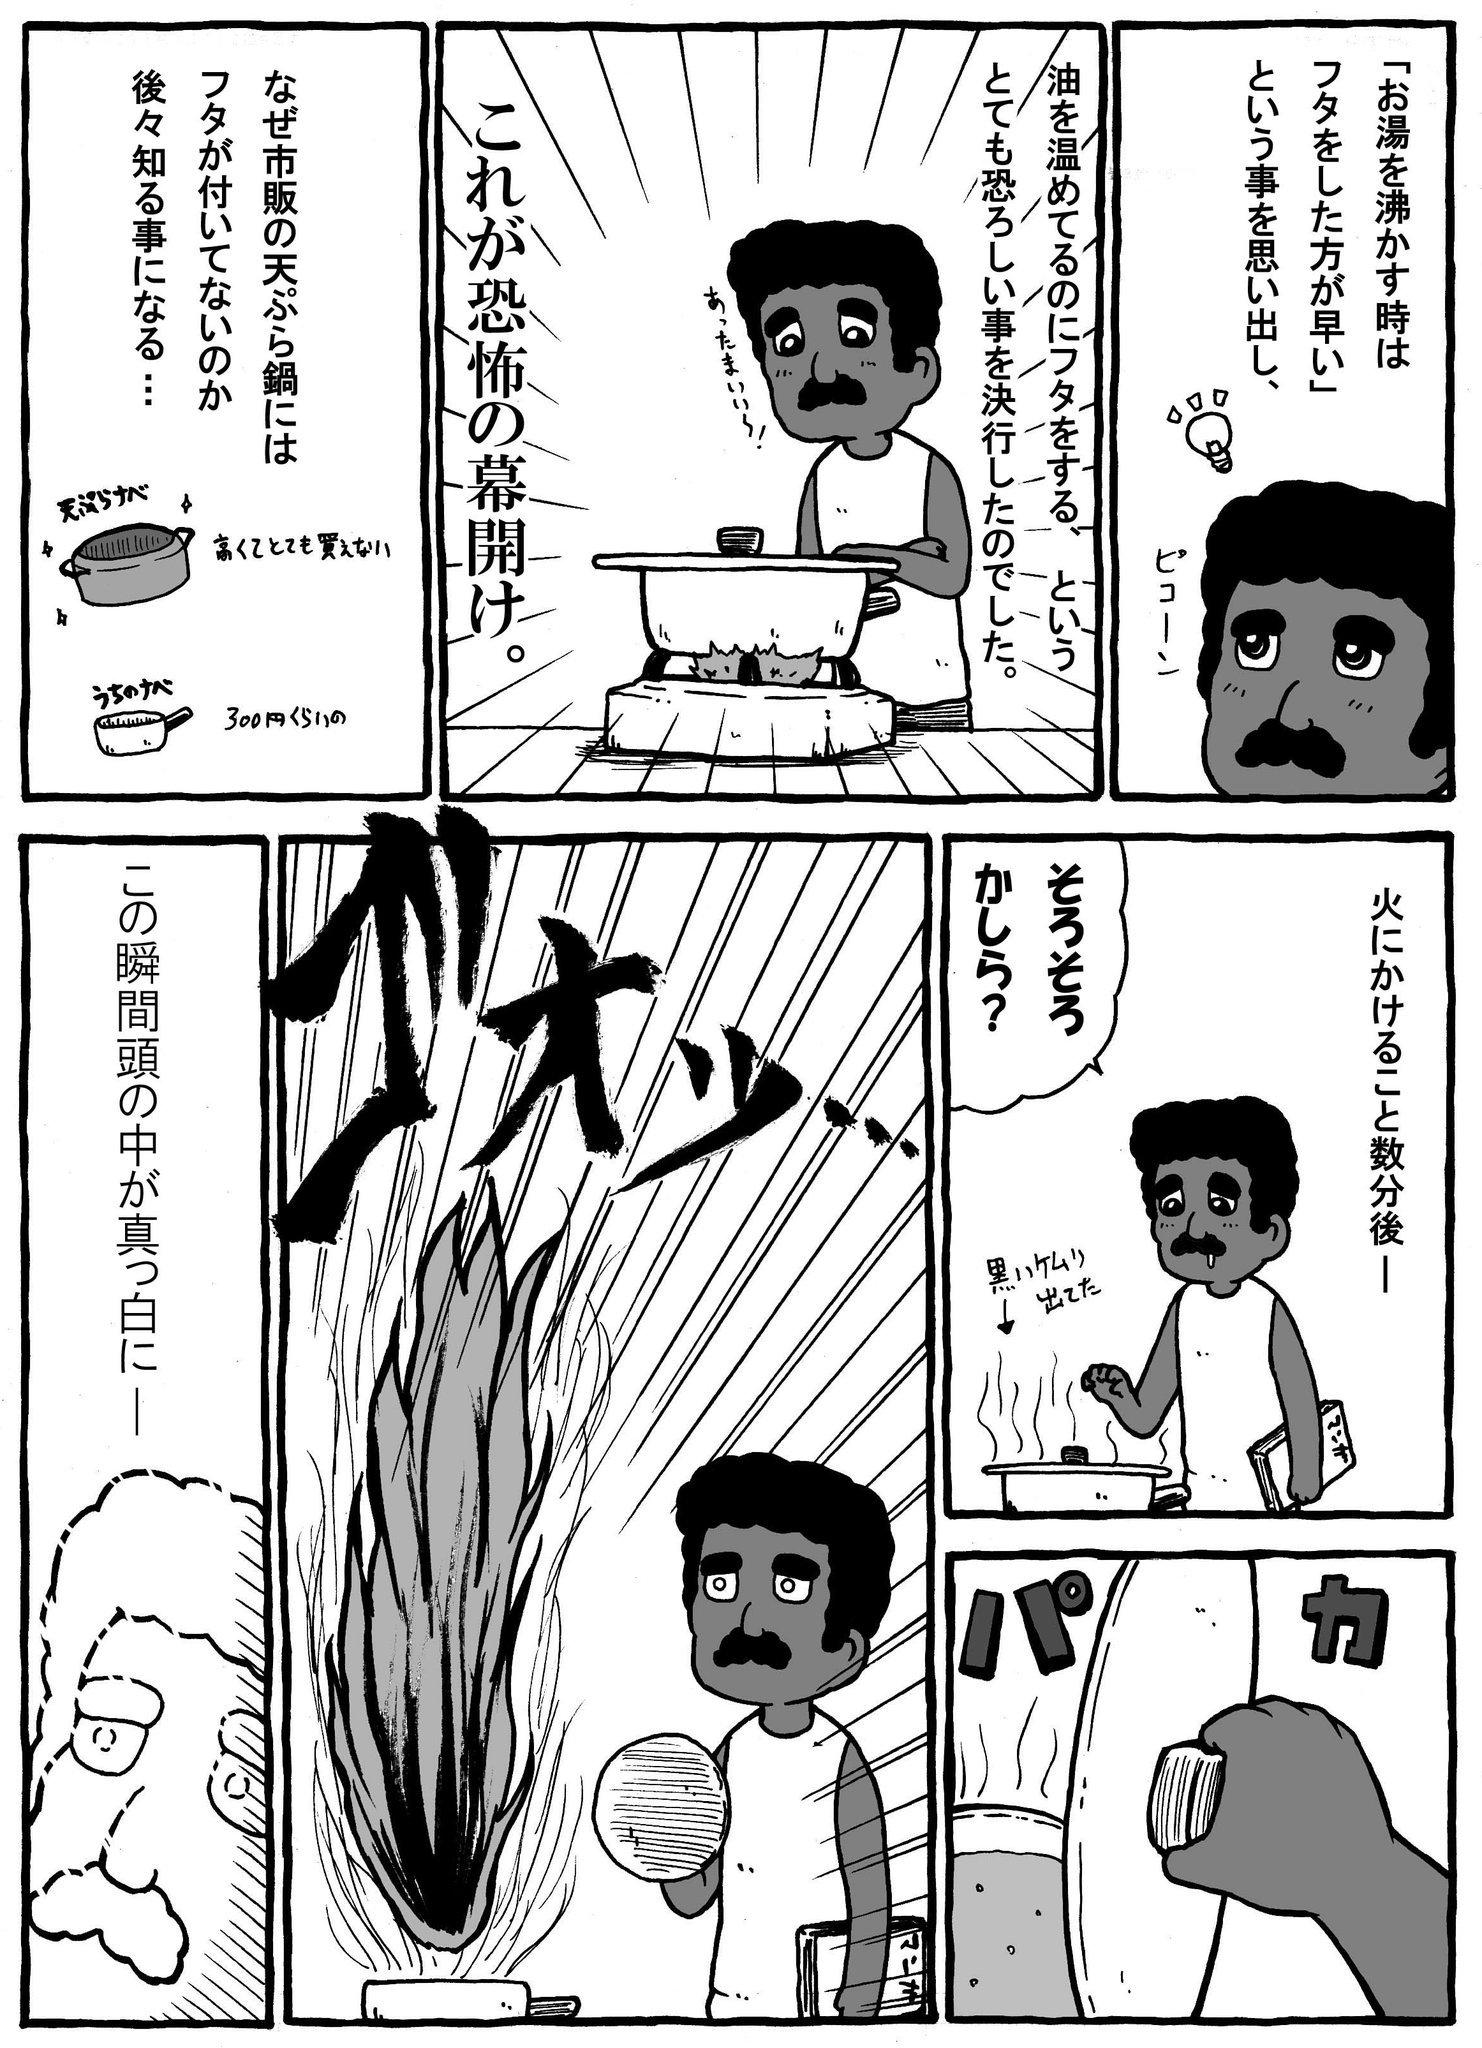 油を温めている天ぷら鍋に蓋をしてはいけない?火事になるかも!